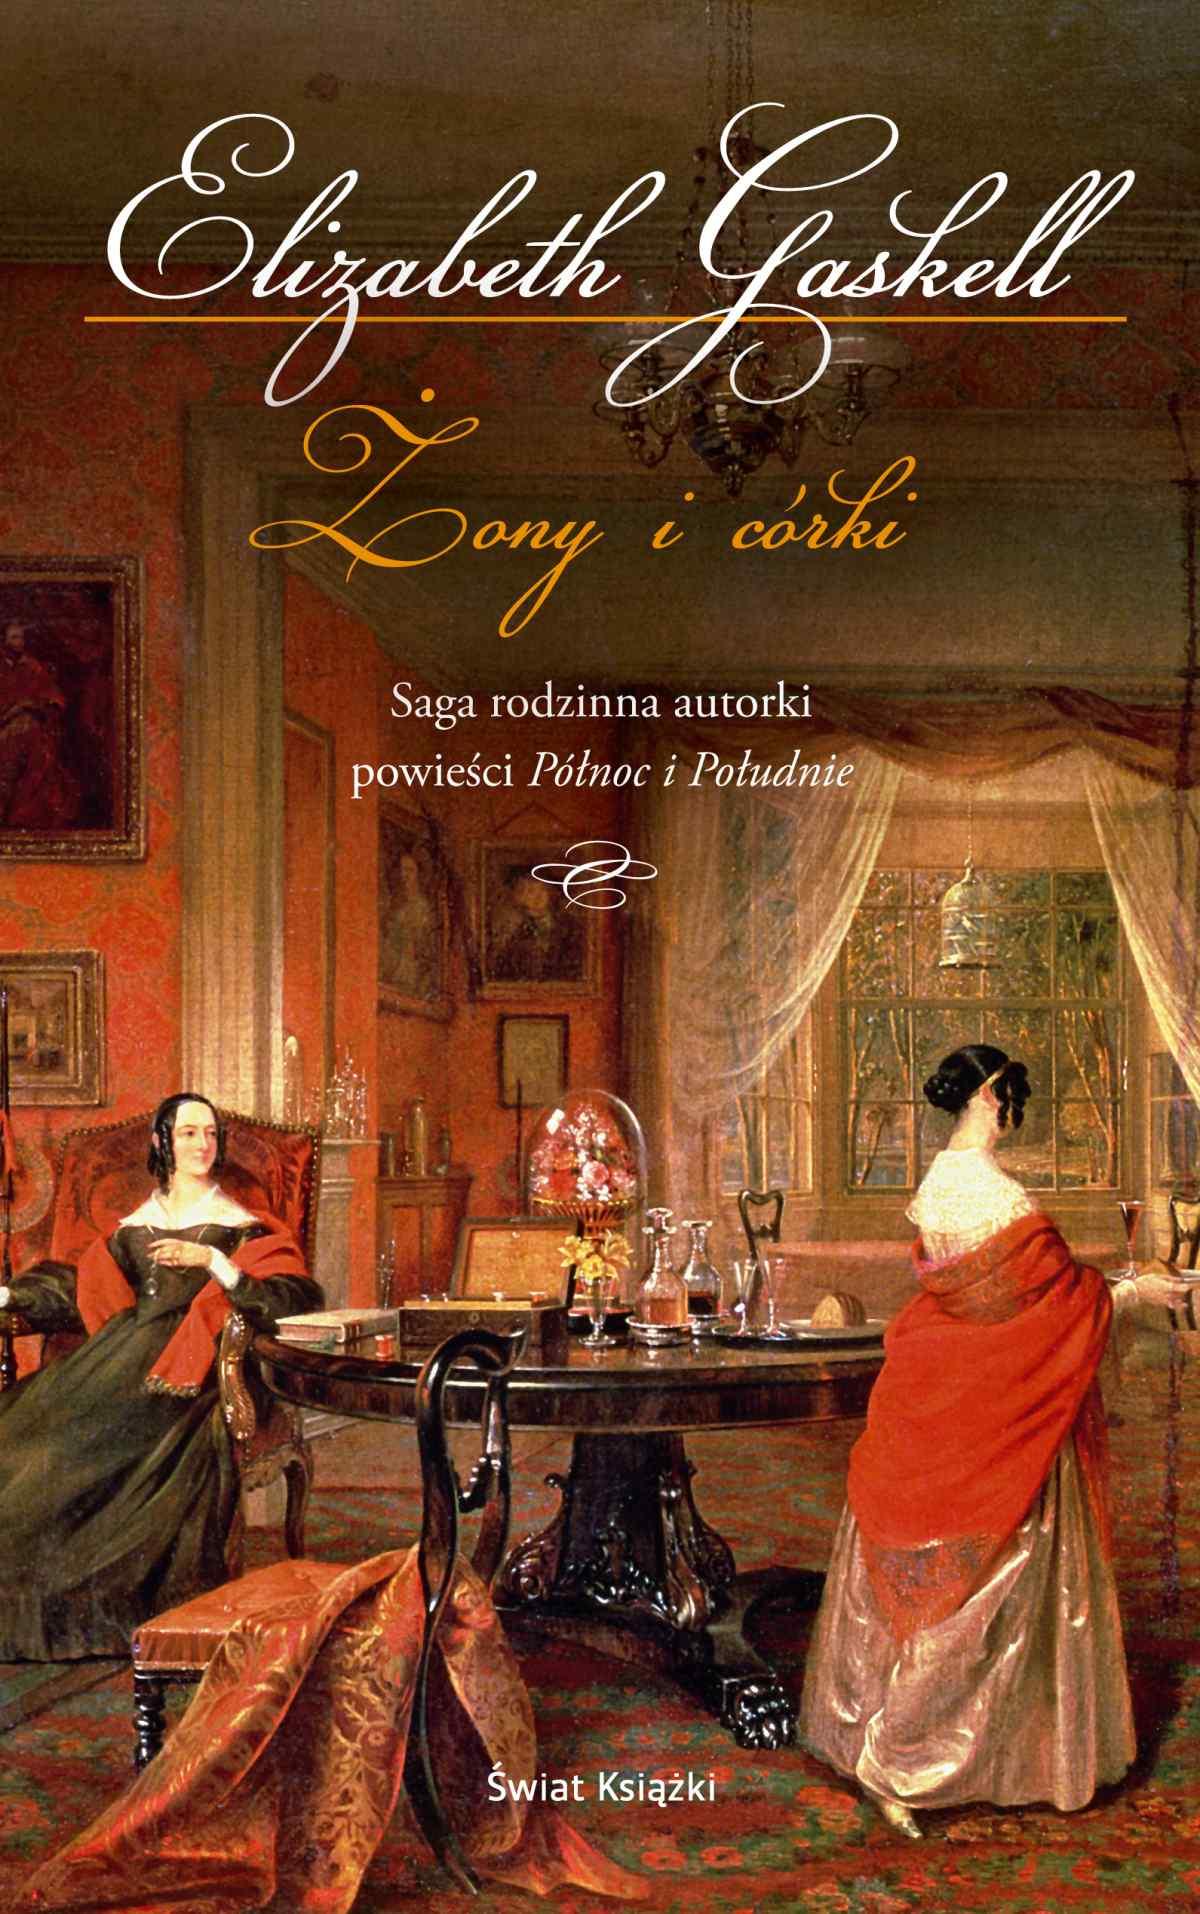 Żony i córki - Tylko w Legimi możesz przeczytać ten tytuł przez 7 dni za darmo. - Elizabeth Gaskell